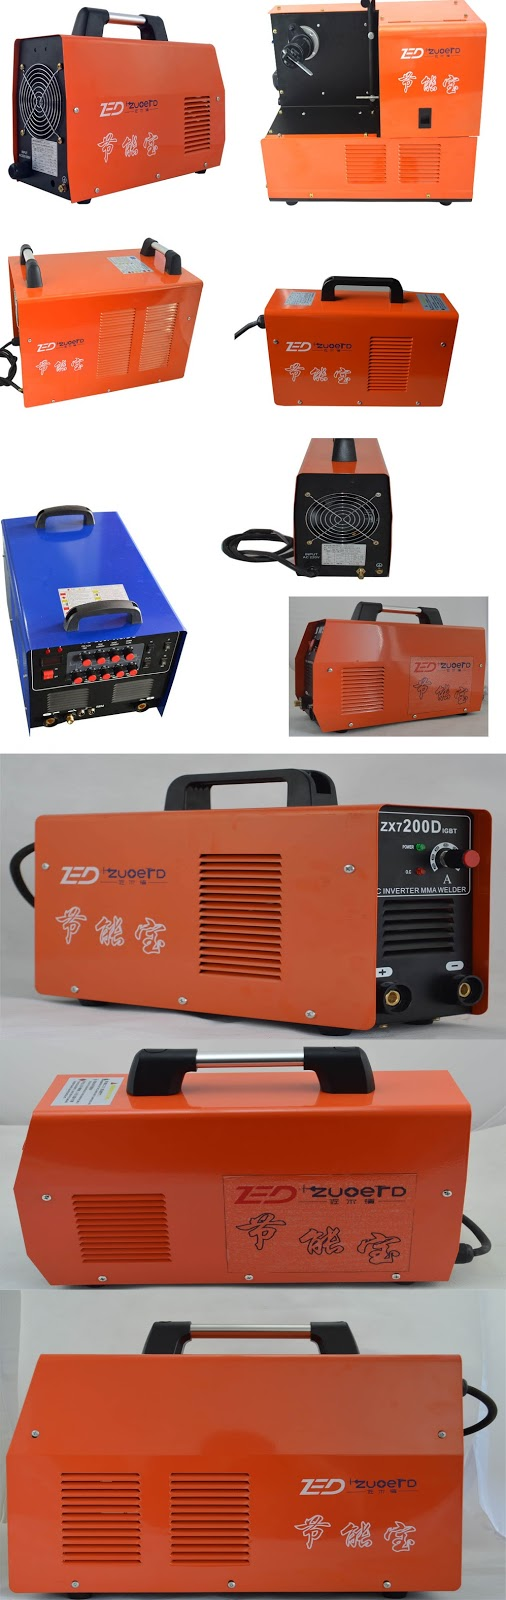 mos dc inverter tig welder igbt gas shielded welding machine mos inverter air plasma cutting [ 506 x 1600 Pixel ]